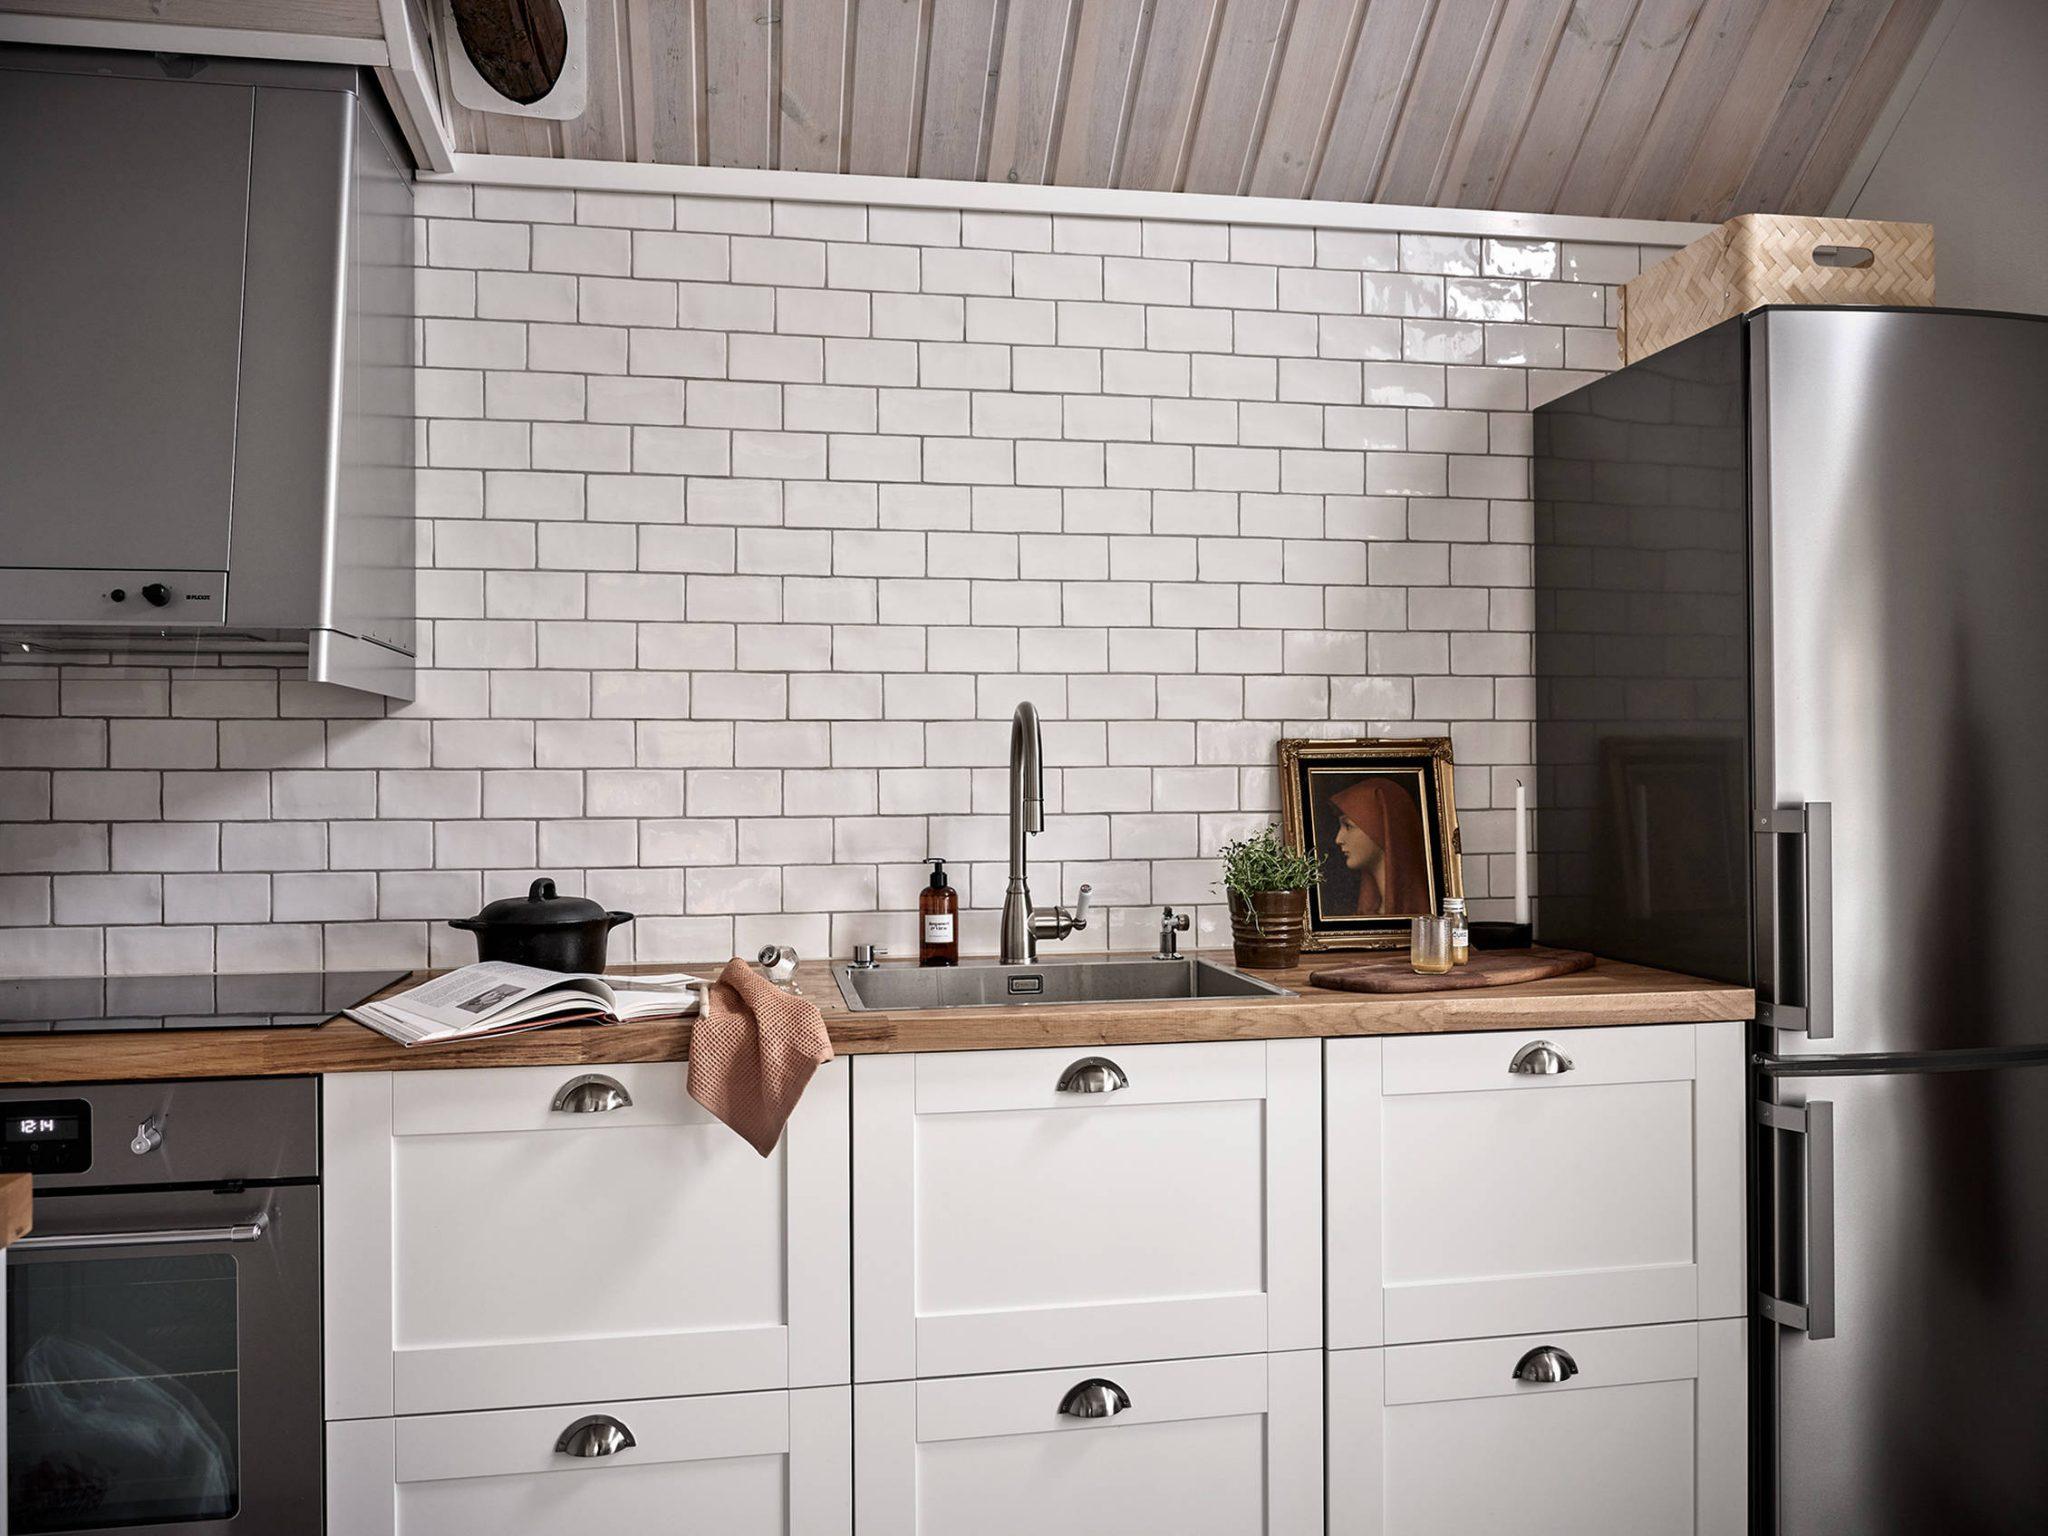 Tavan înclinat și decor rusti scandinav într o casă din Suedia 13